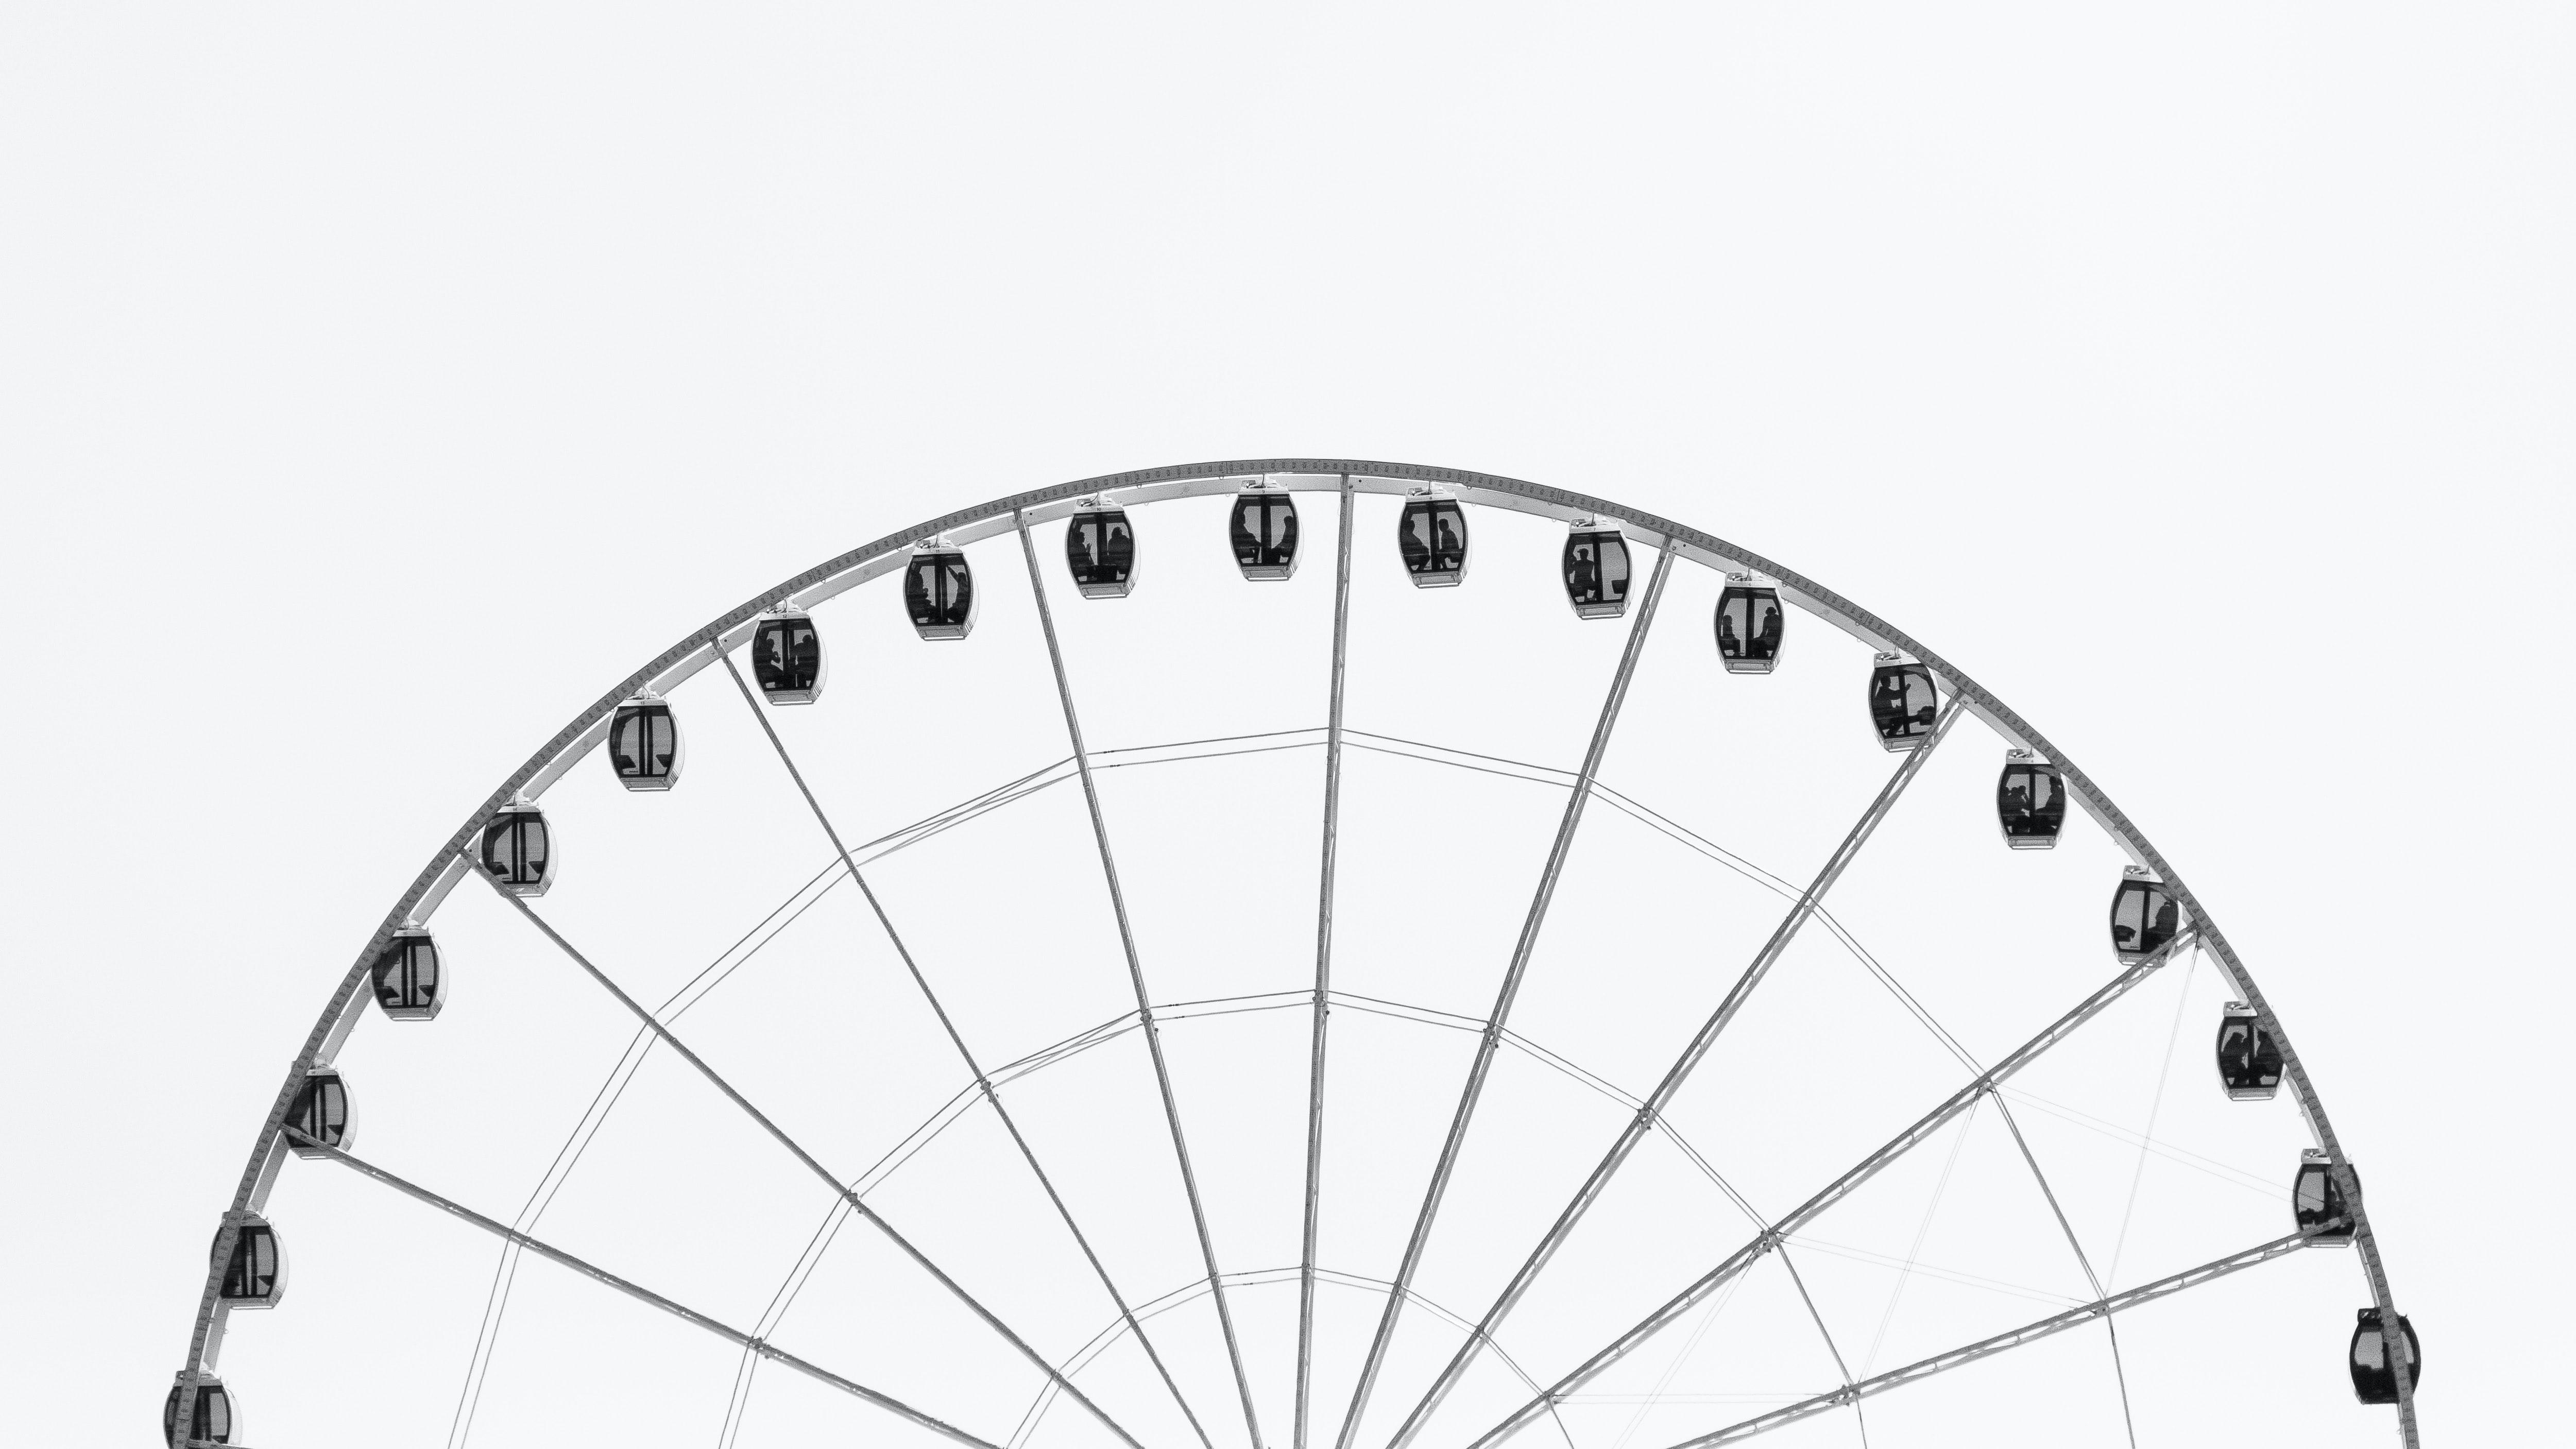 idea-para-foto-minimalista-en-blanco-y-negro